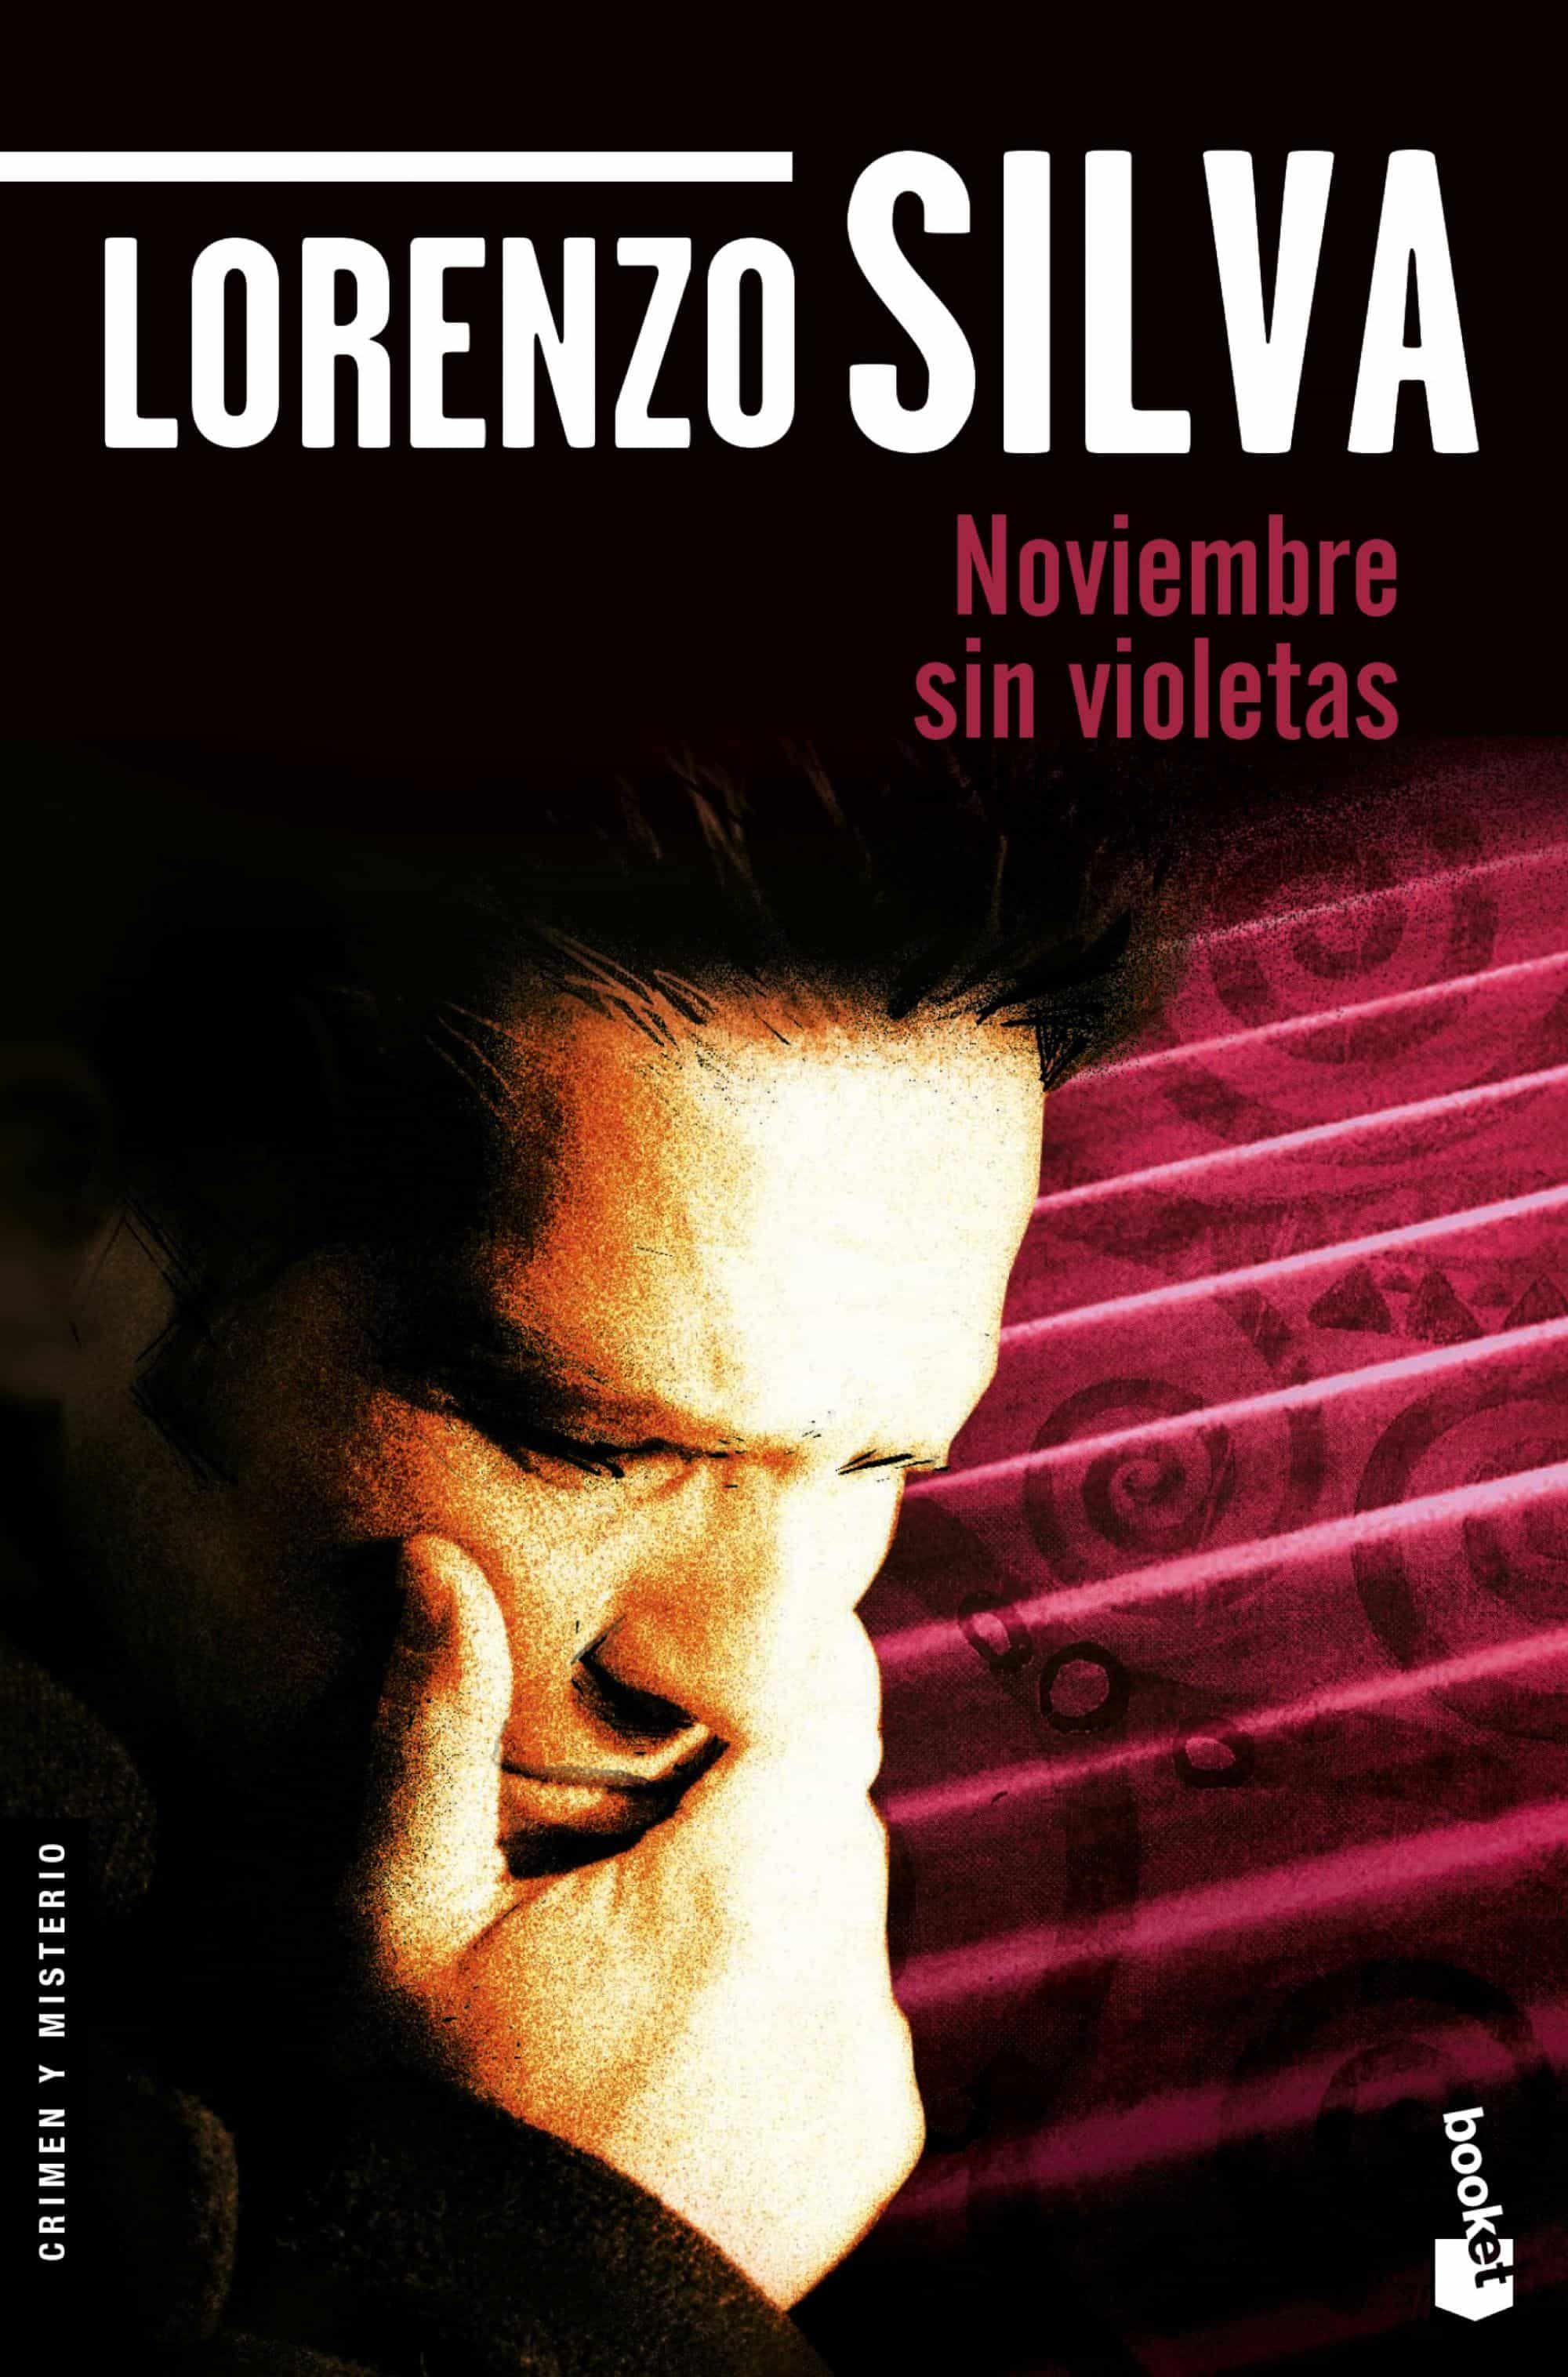 noviembre sin violetas-lorenzo silva-9788423349265